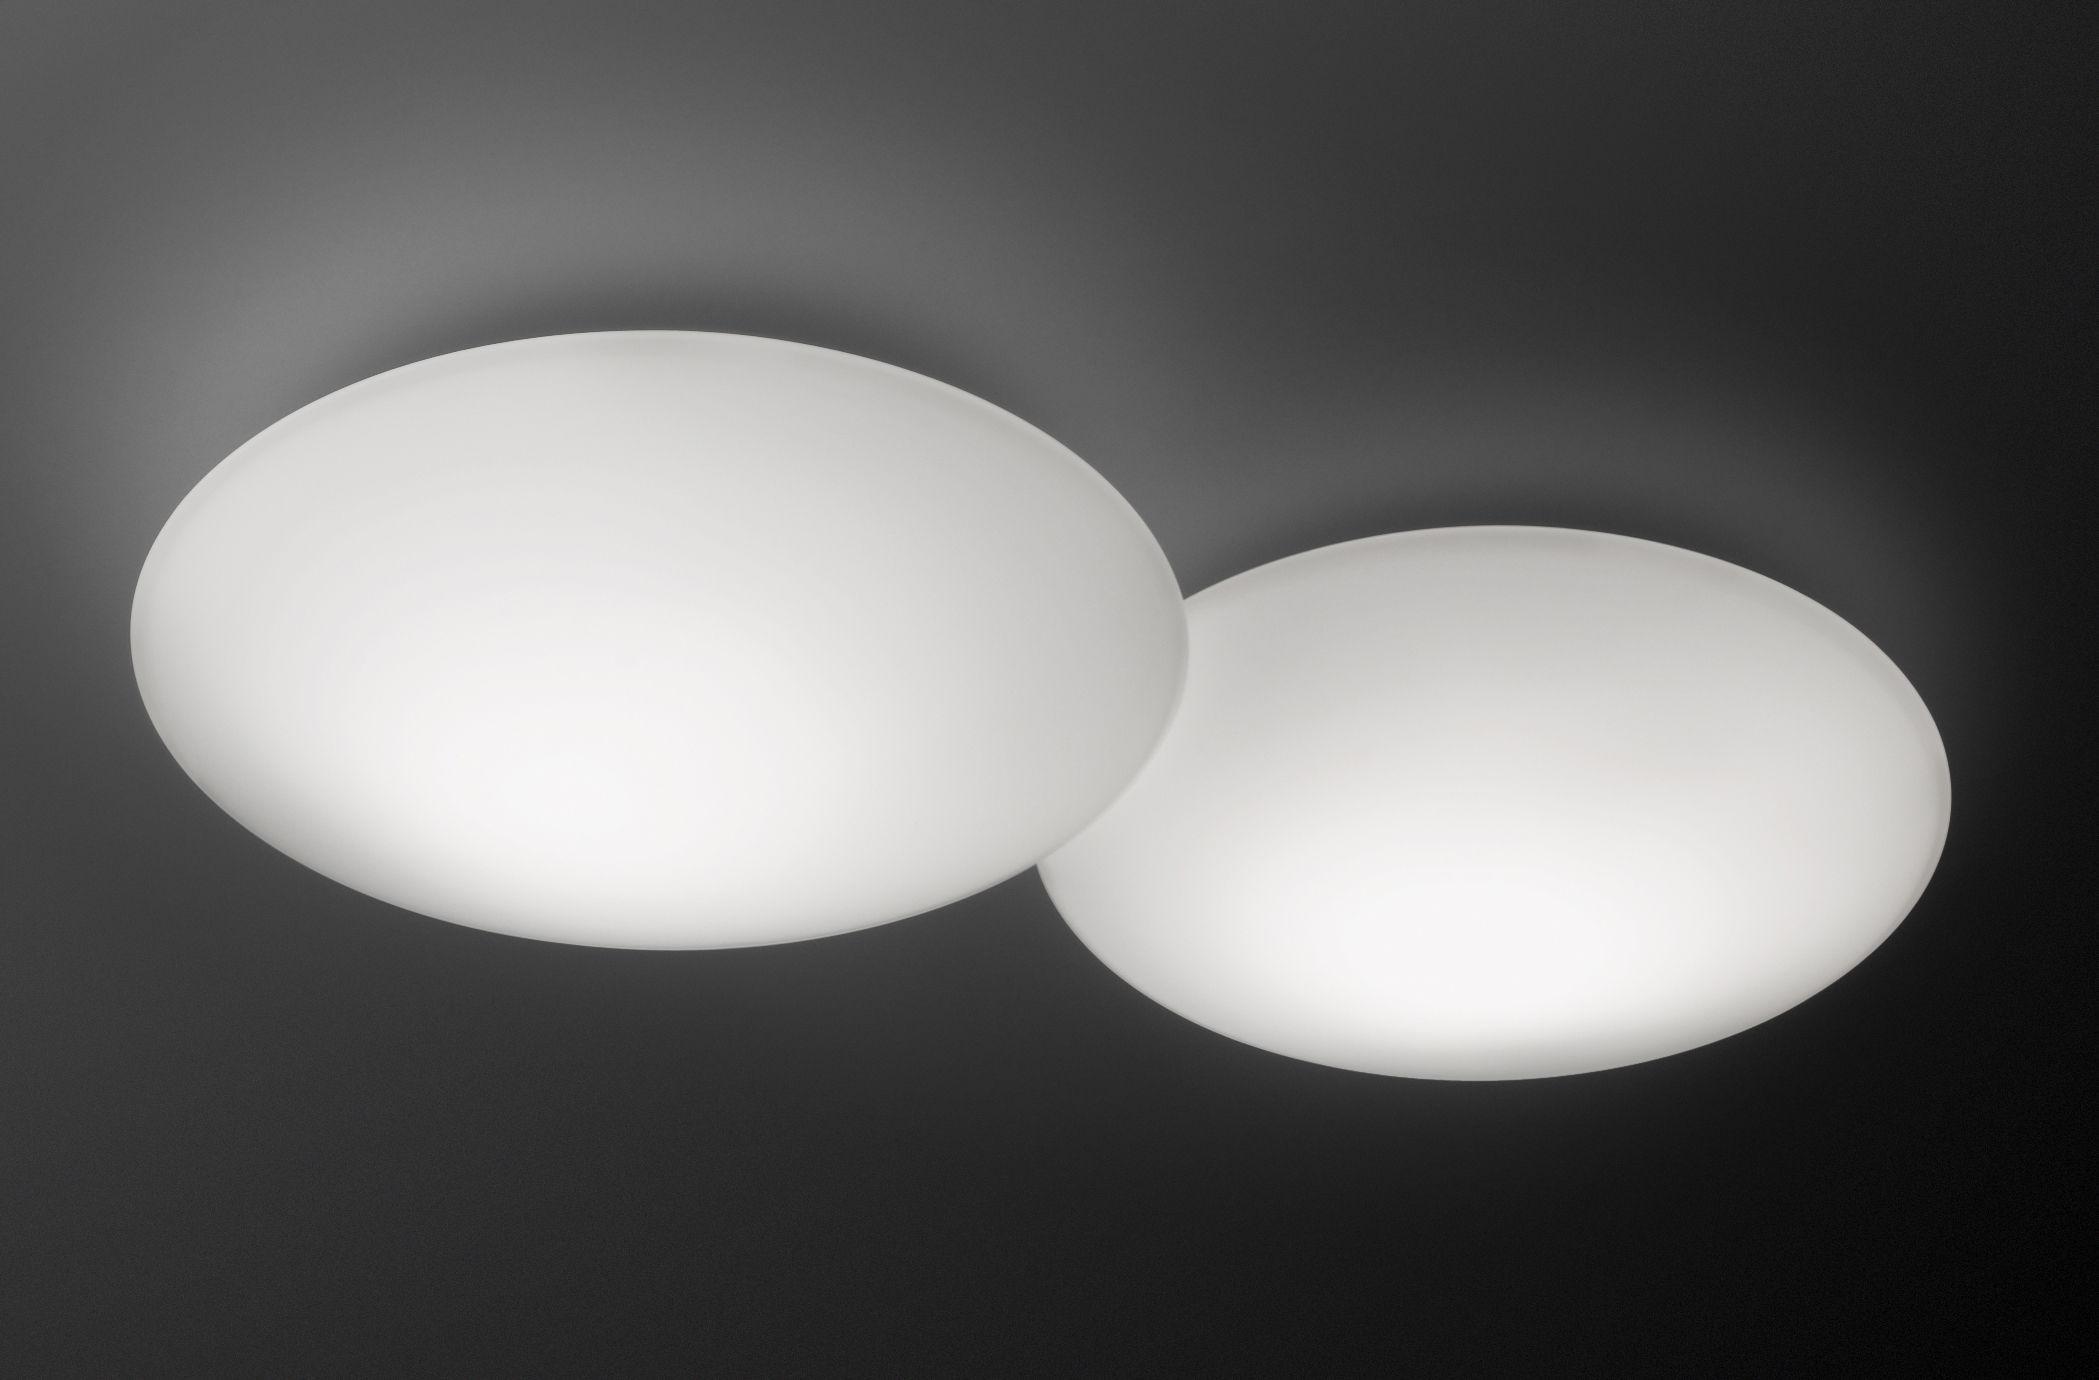 Luminaire - Appliques - Applique Puck Double LED / Plafonnier - Vibia - Blanc - Verre soufflé